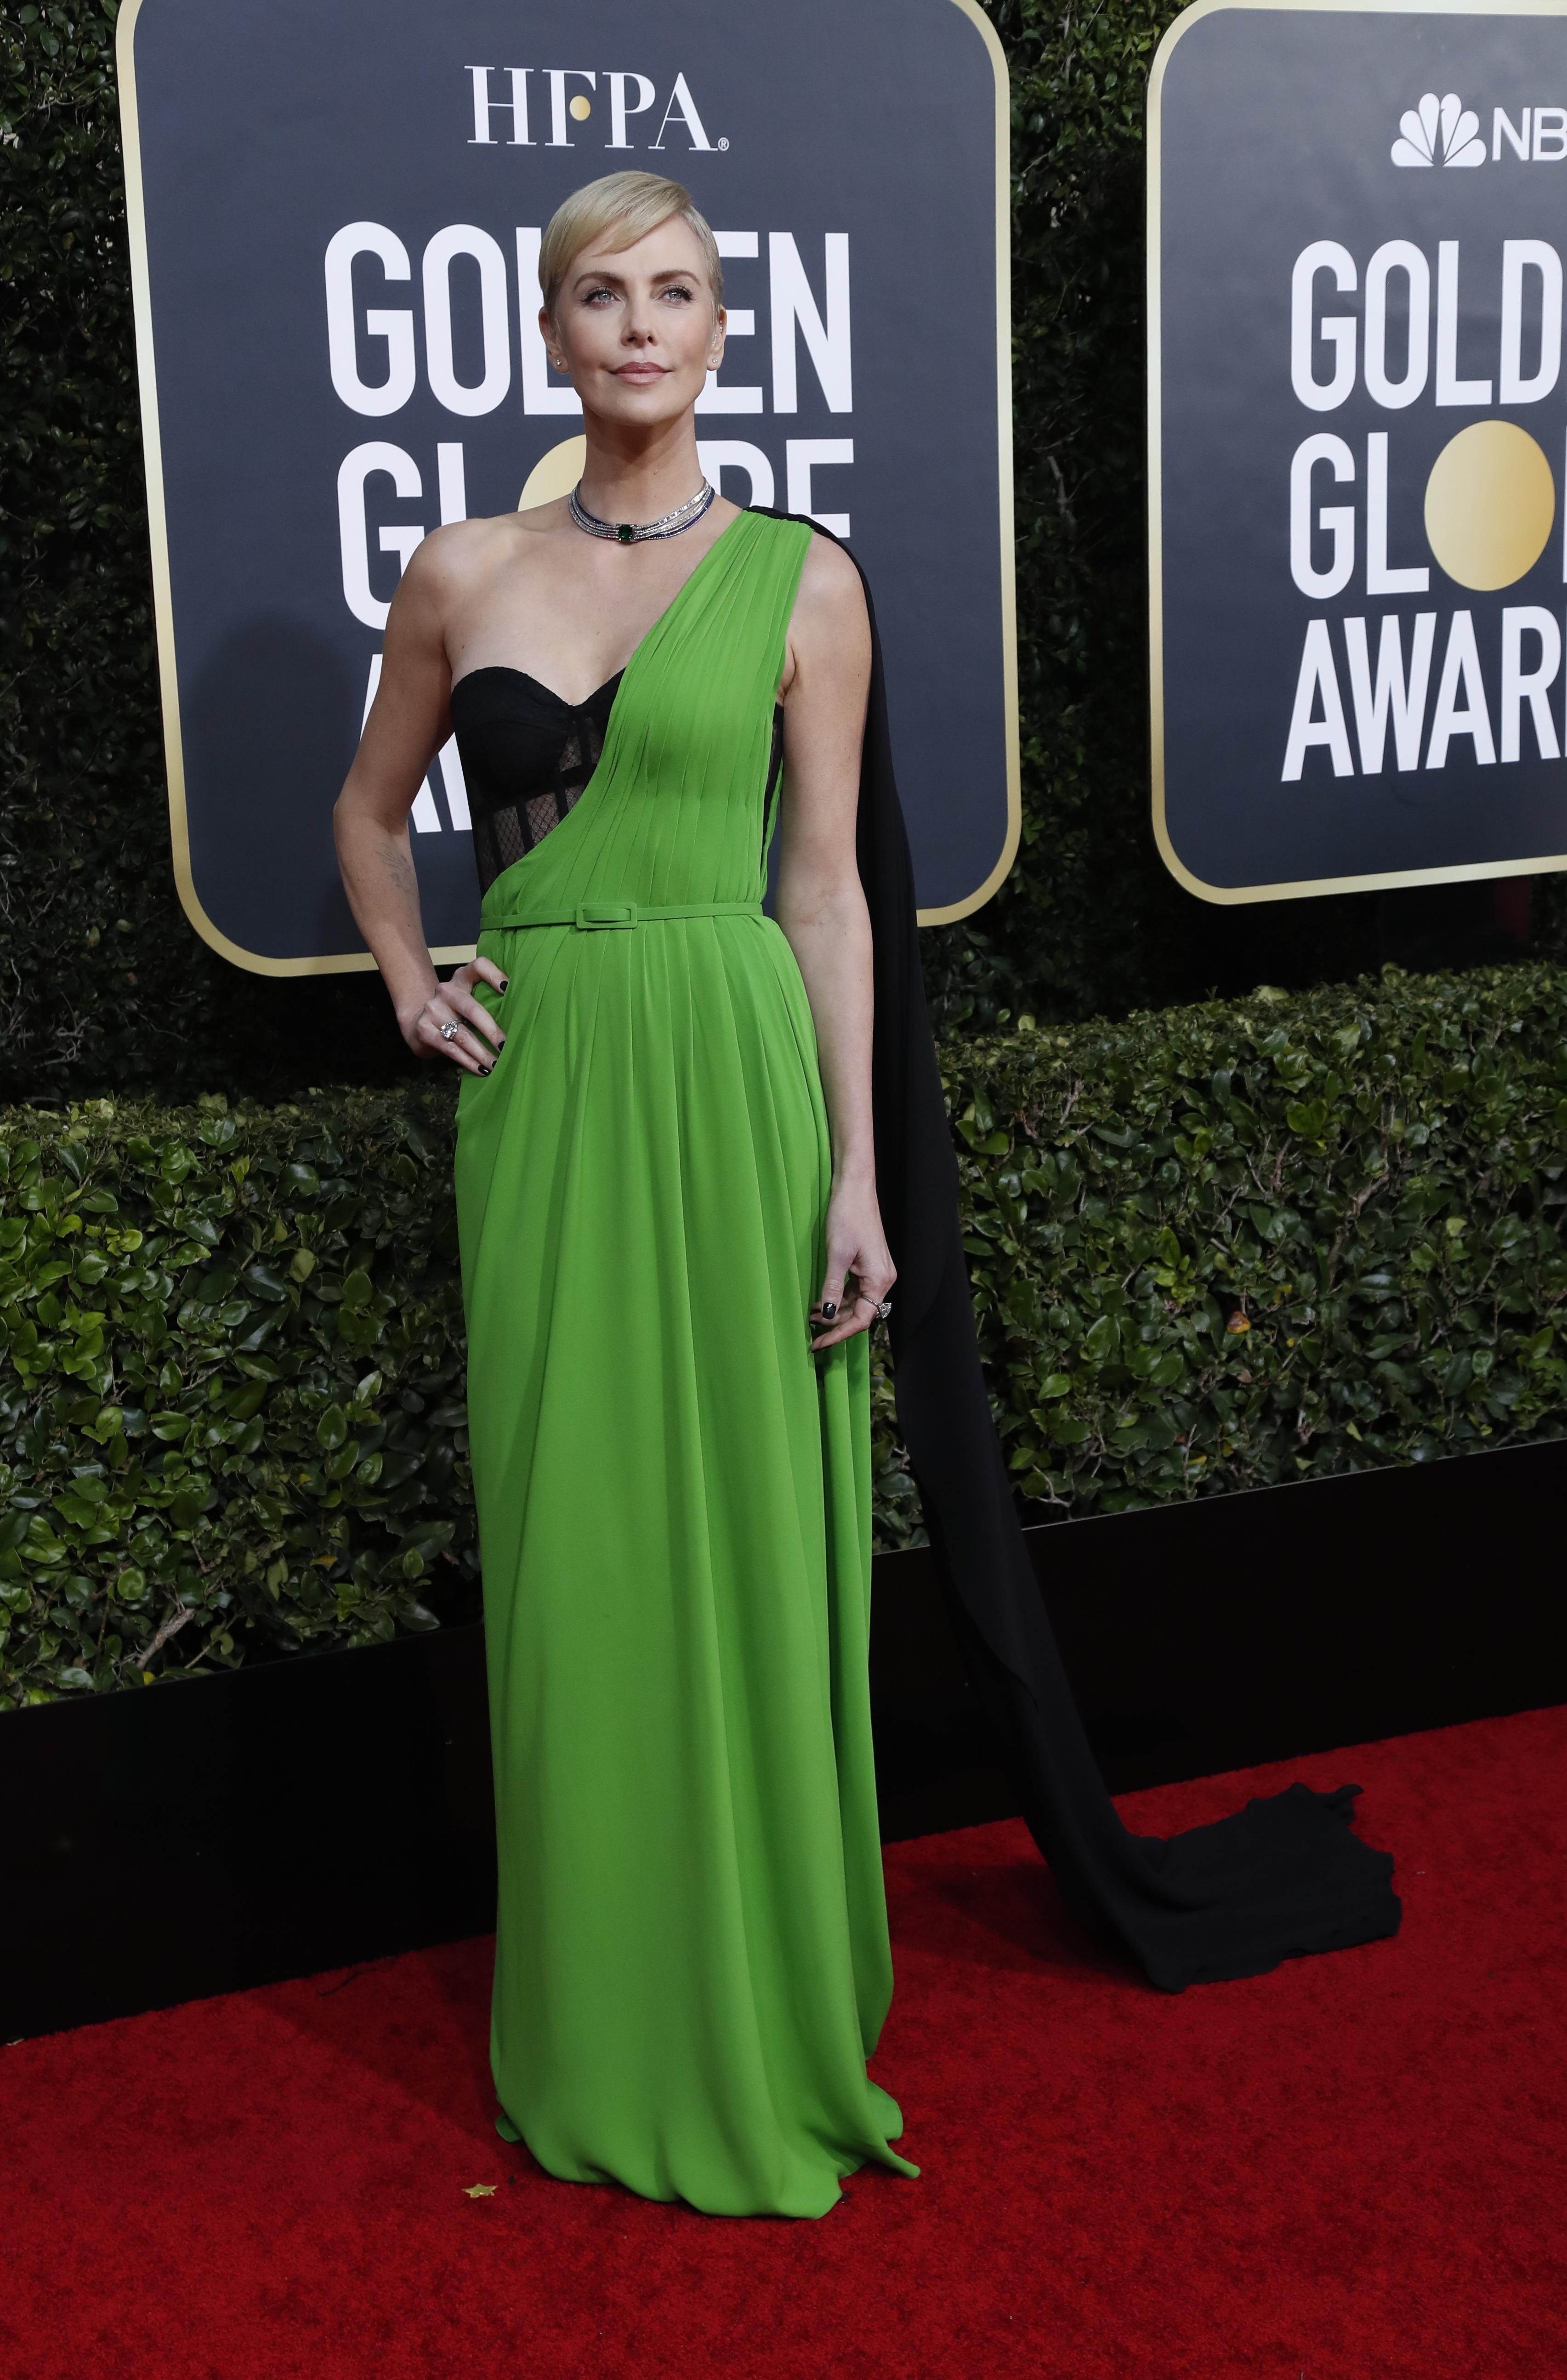 Charlize Theron lució un vestido bicolor en verde y negro con bustier by Christian Dior y capa a tono. Completó su look con una gargantilla con esmeralda y brillantes